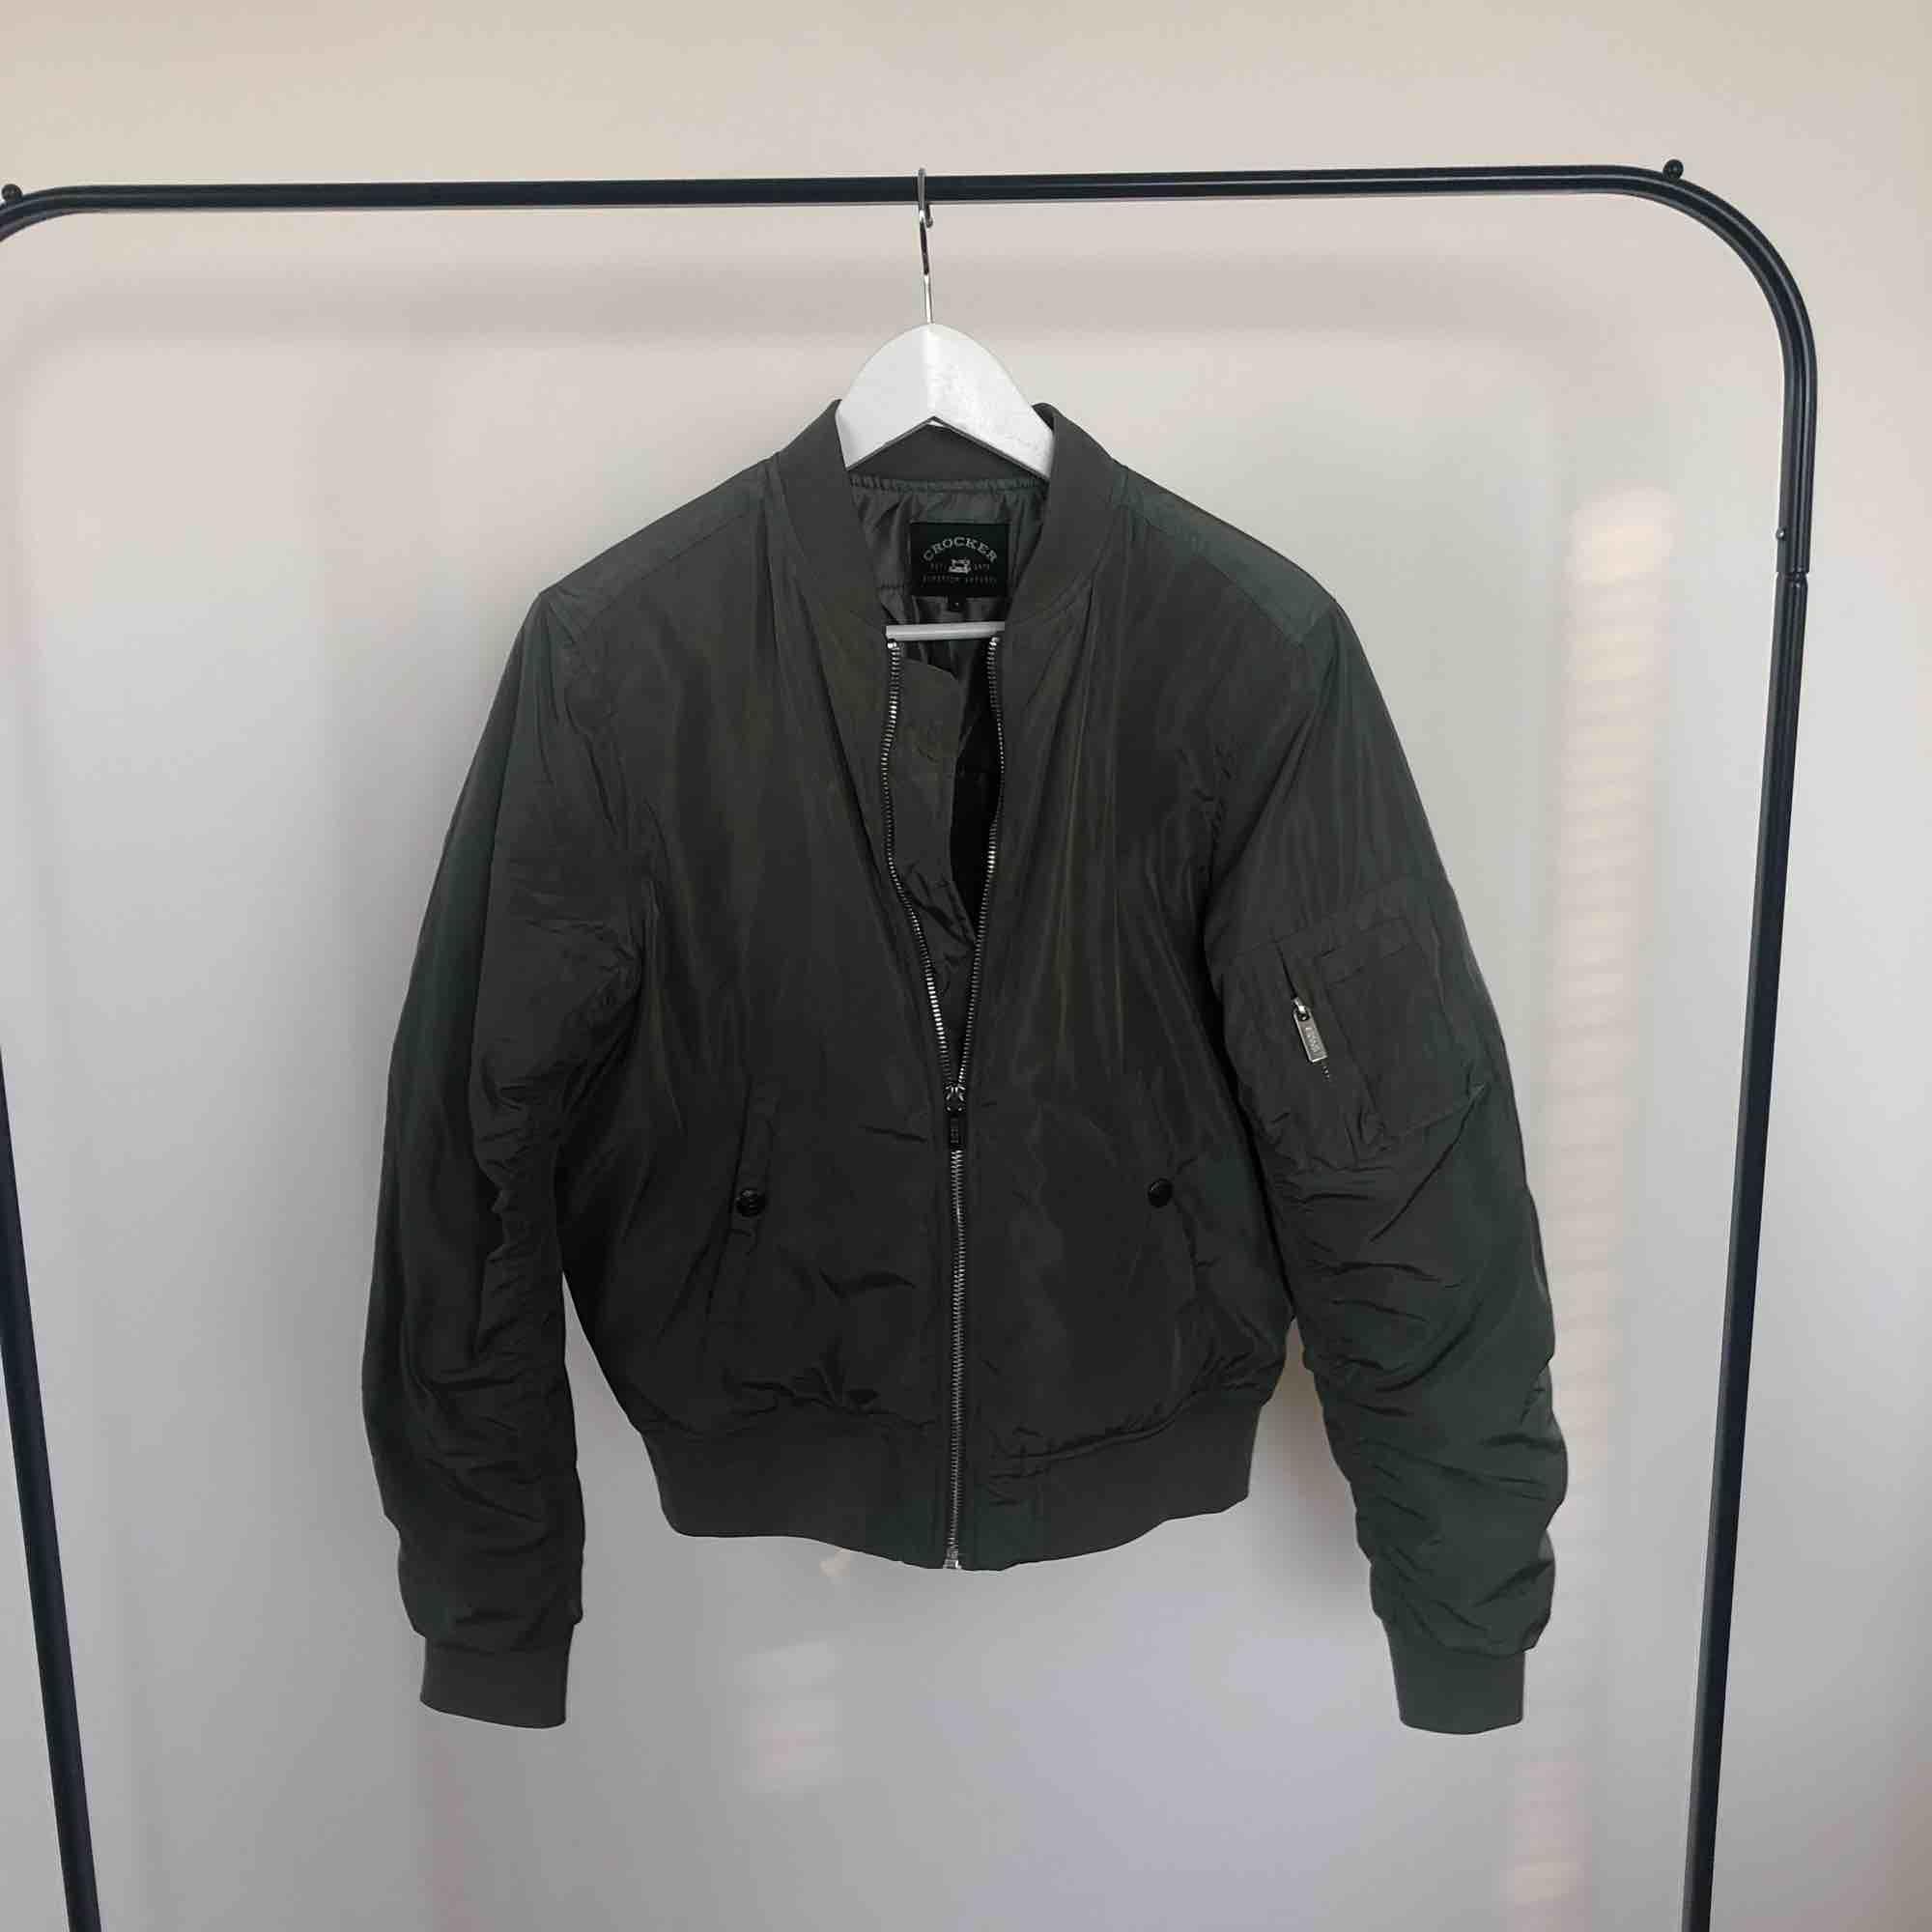 Crocker Bomber Jacka  Original pris 800kr  Militär grön / Mörk grön / Grön  Aldrig eller knappt använd ✨. Jackor.